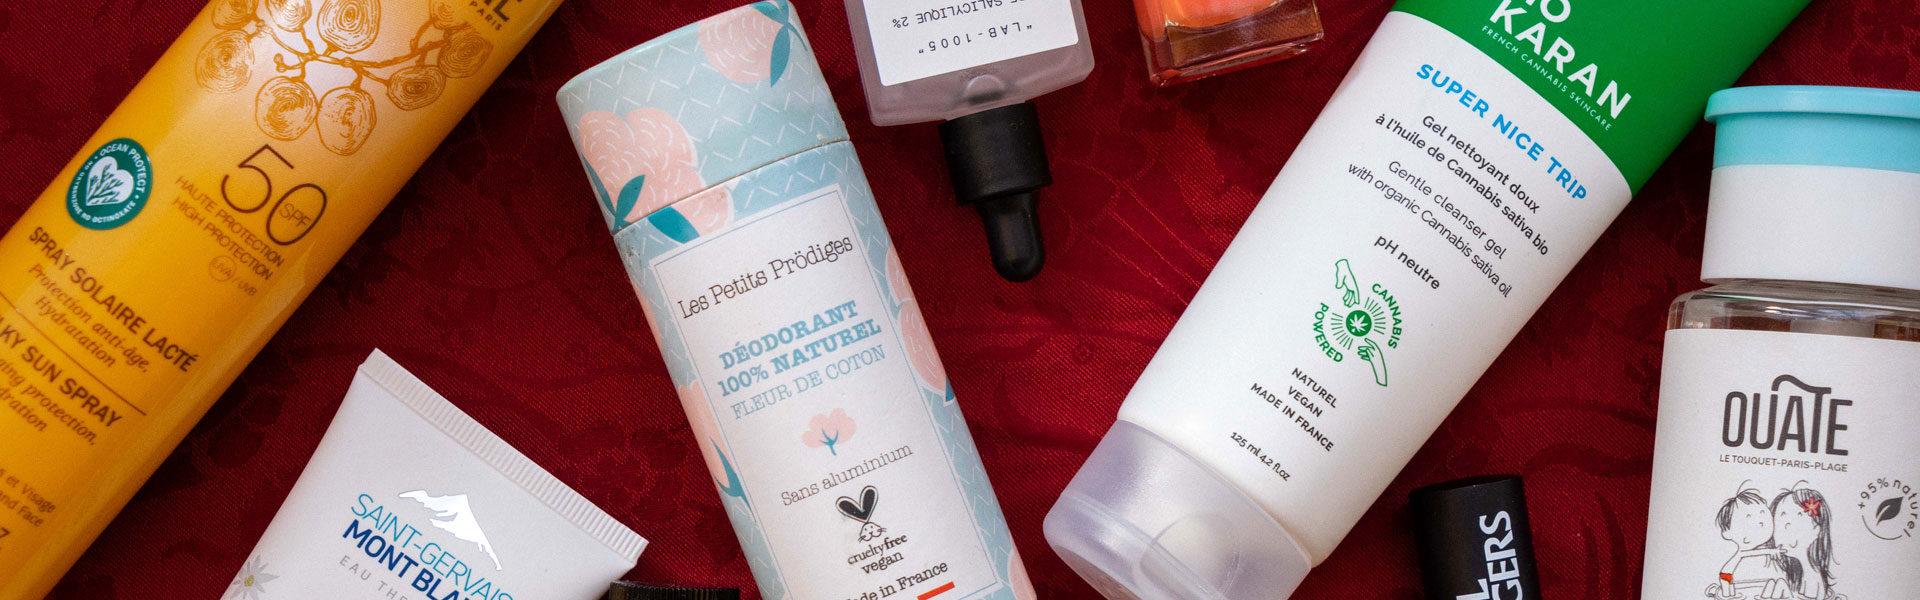 marcas-francesas-veganas-e-naturais